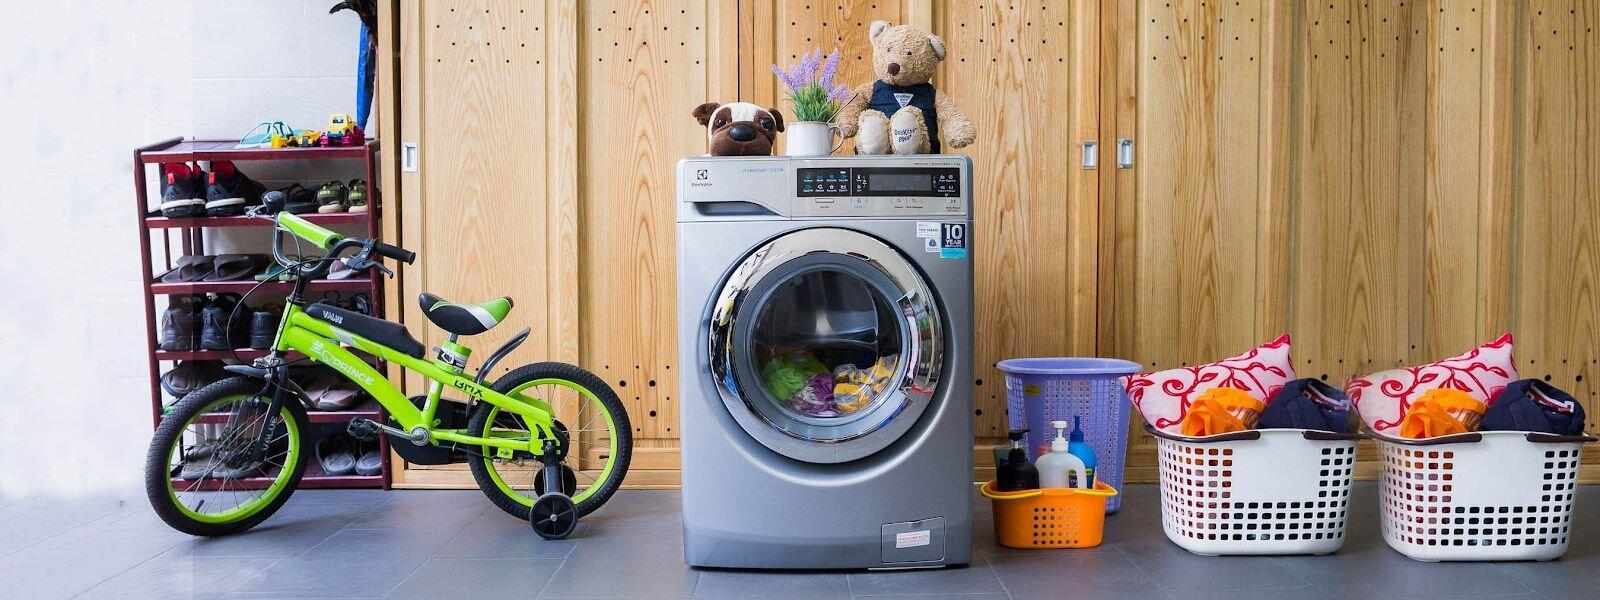 Máy giặt Electrolux giá cao hơn thích hợp với những khách hàng có điều kiện kinh tế